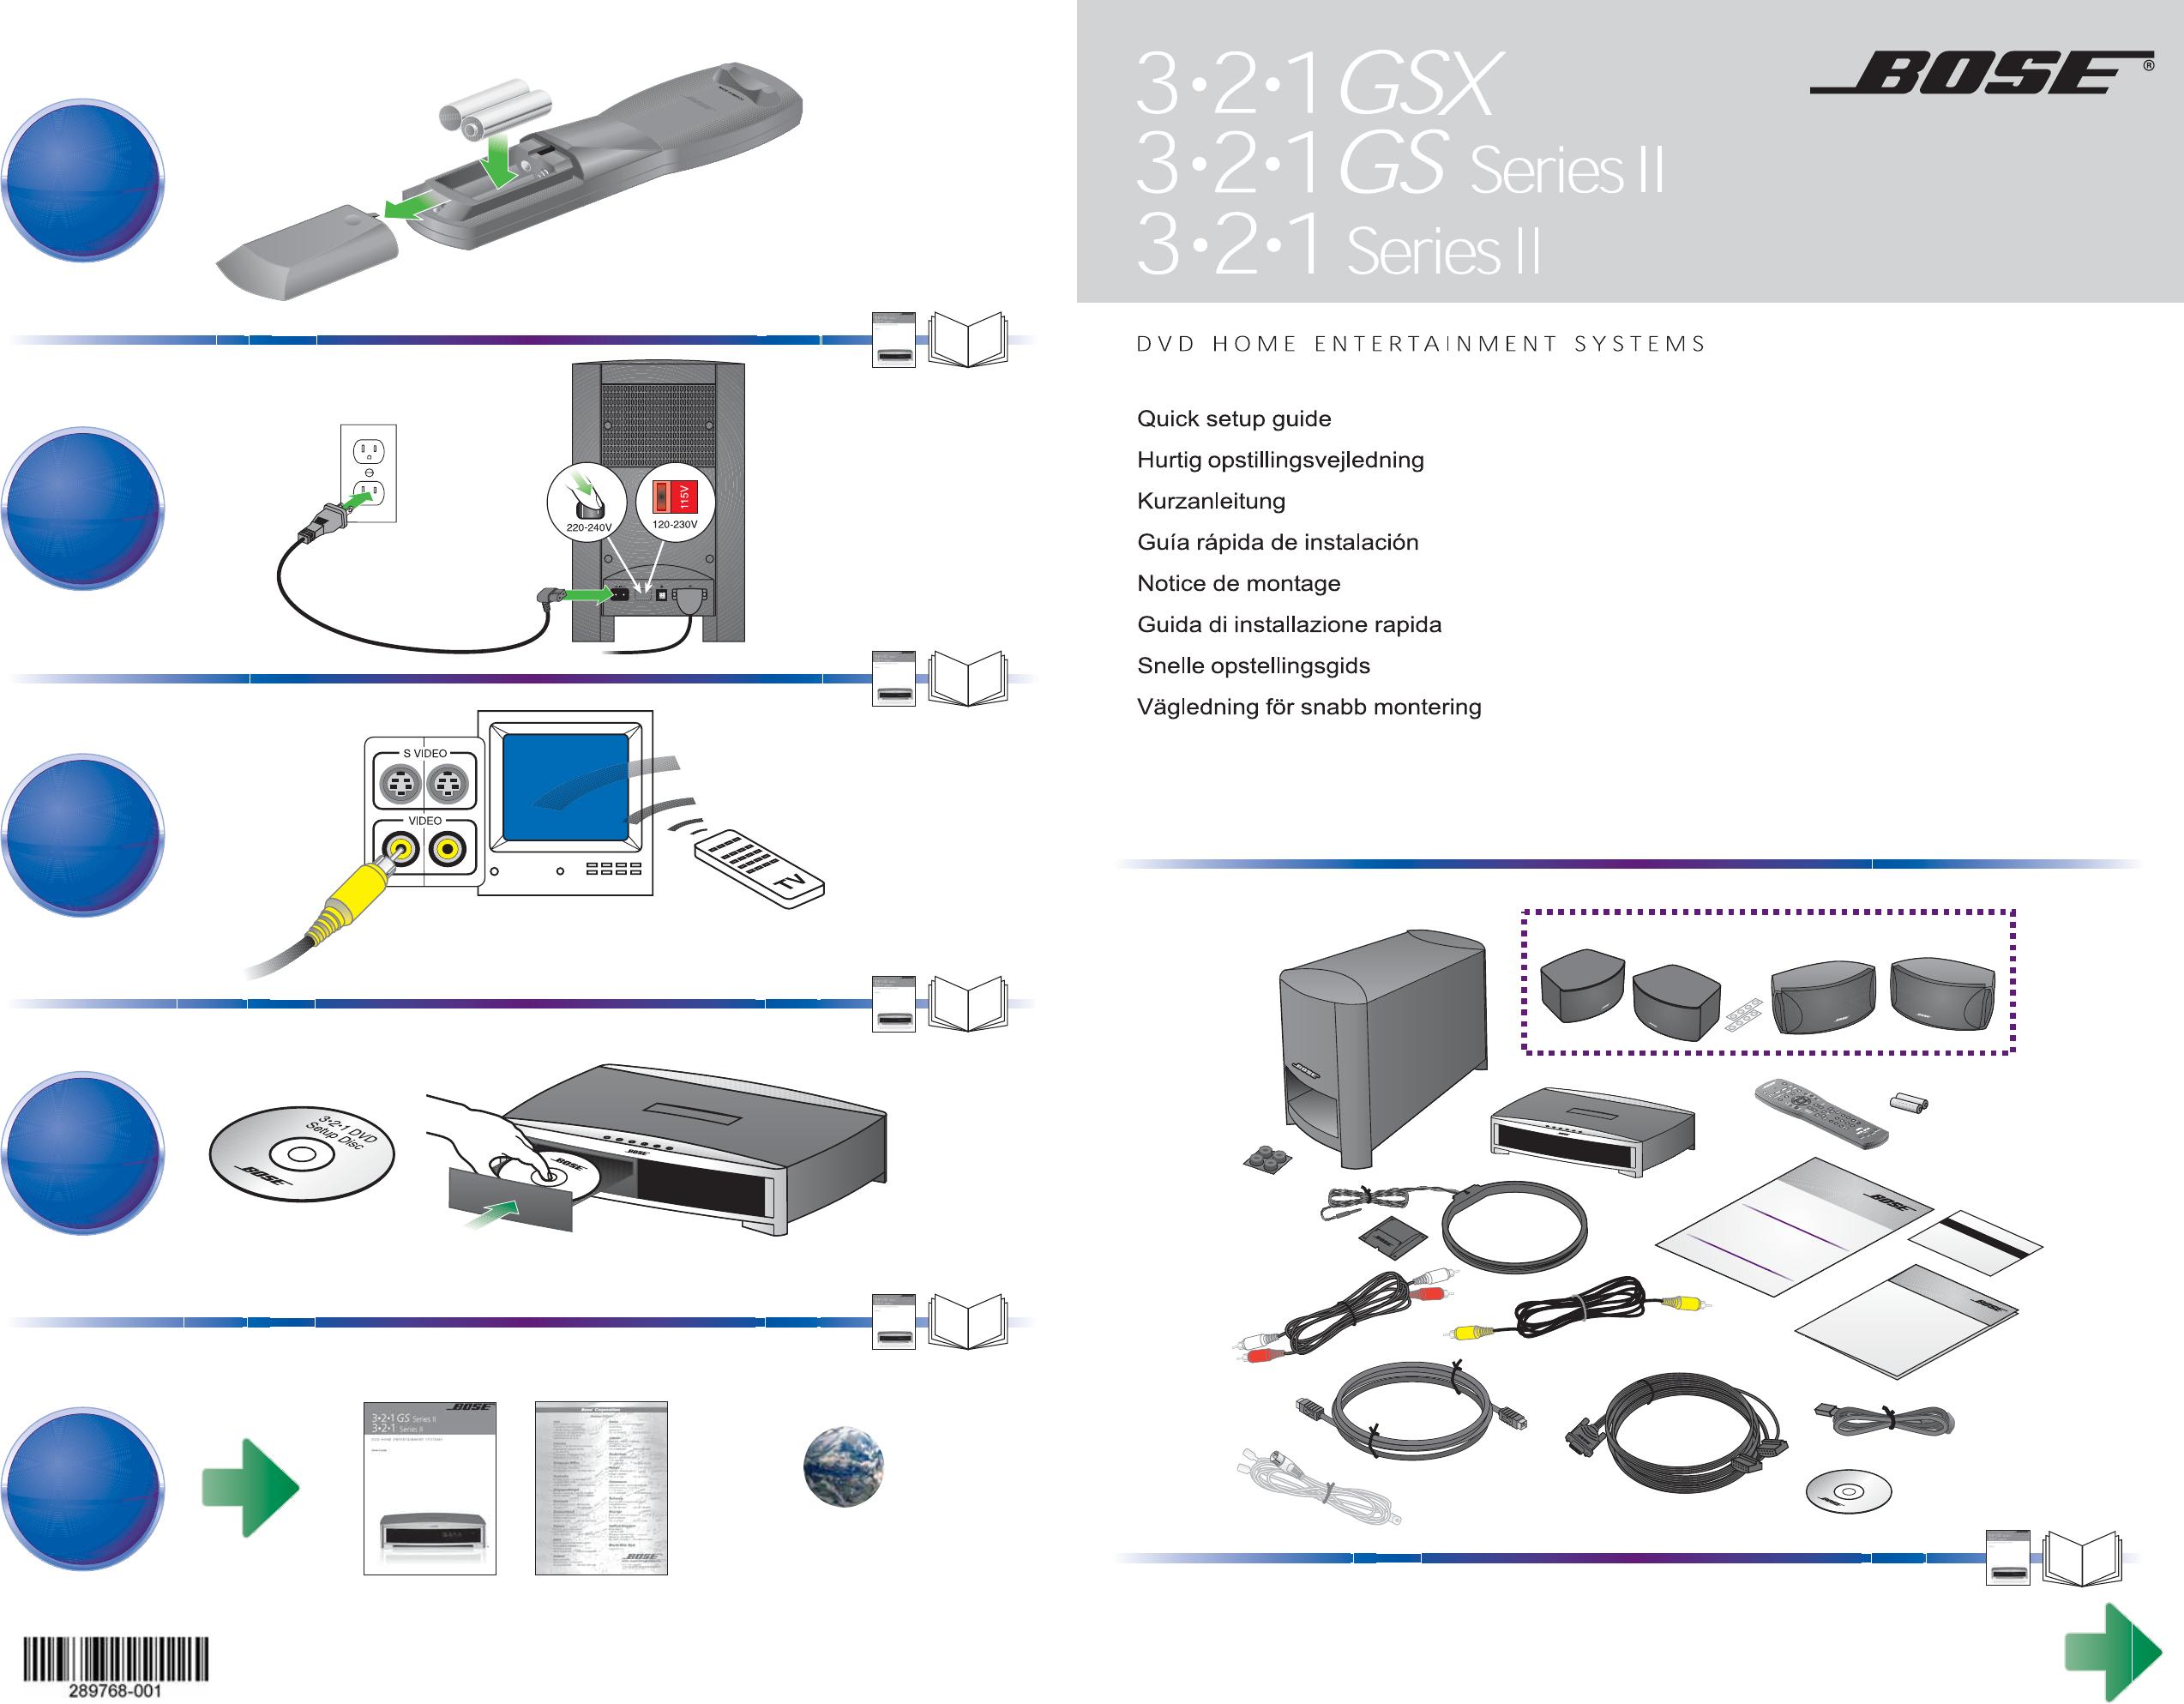 Bose Repairs U.S.A., Bose Service Centers